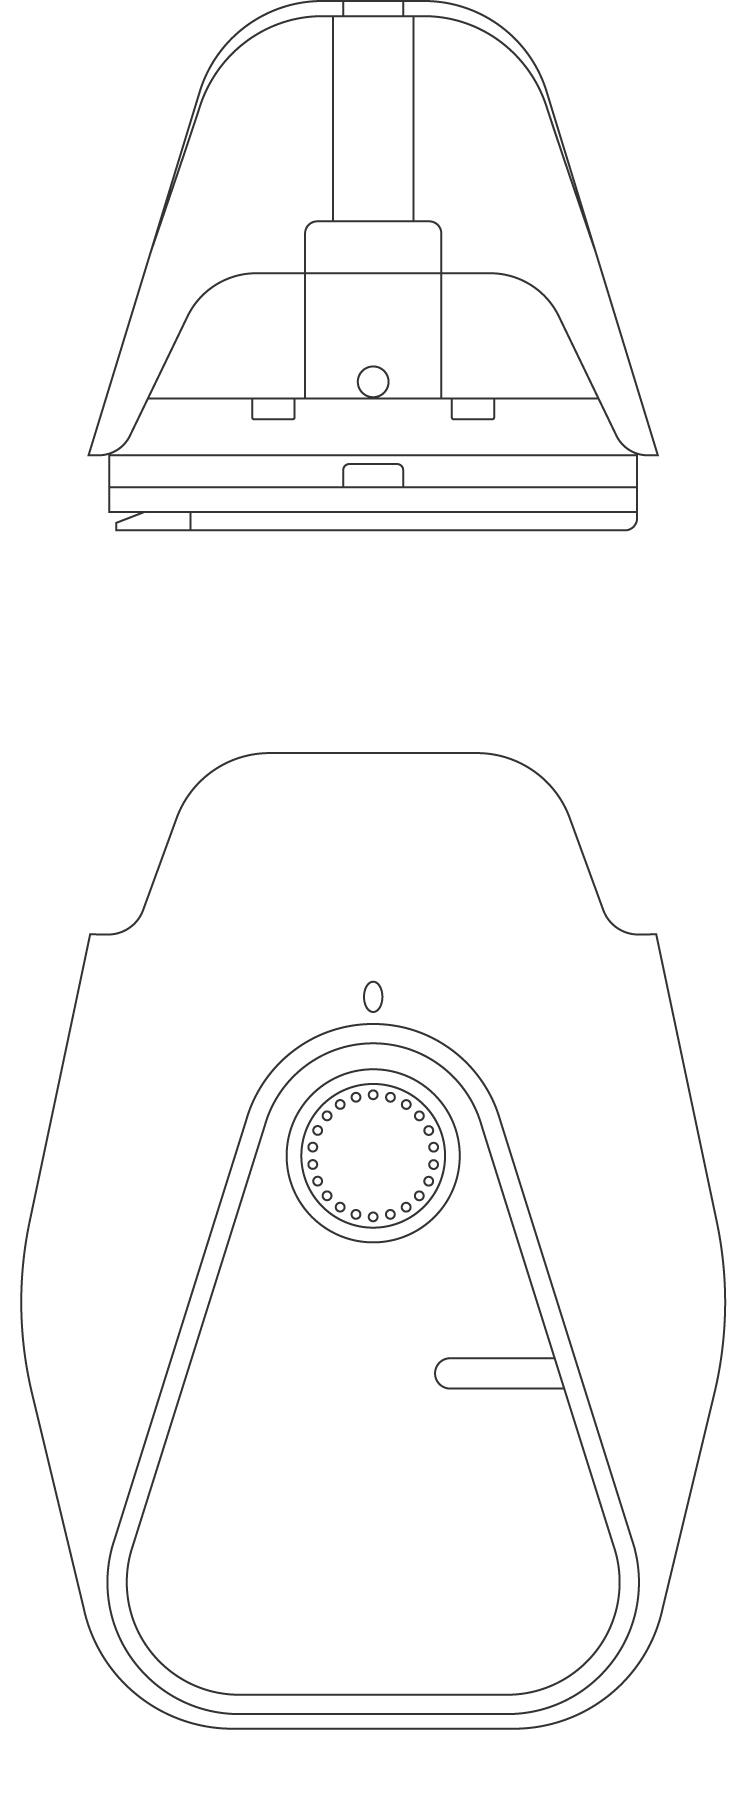 Pod Style Device